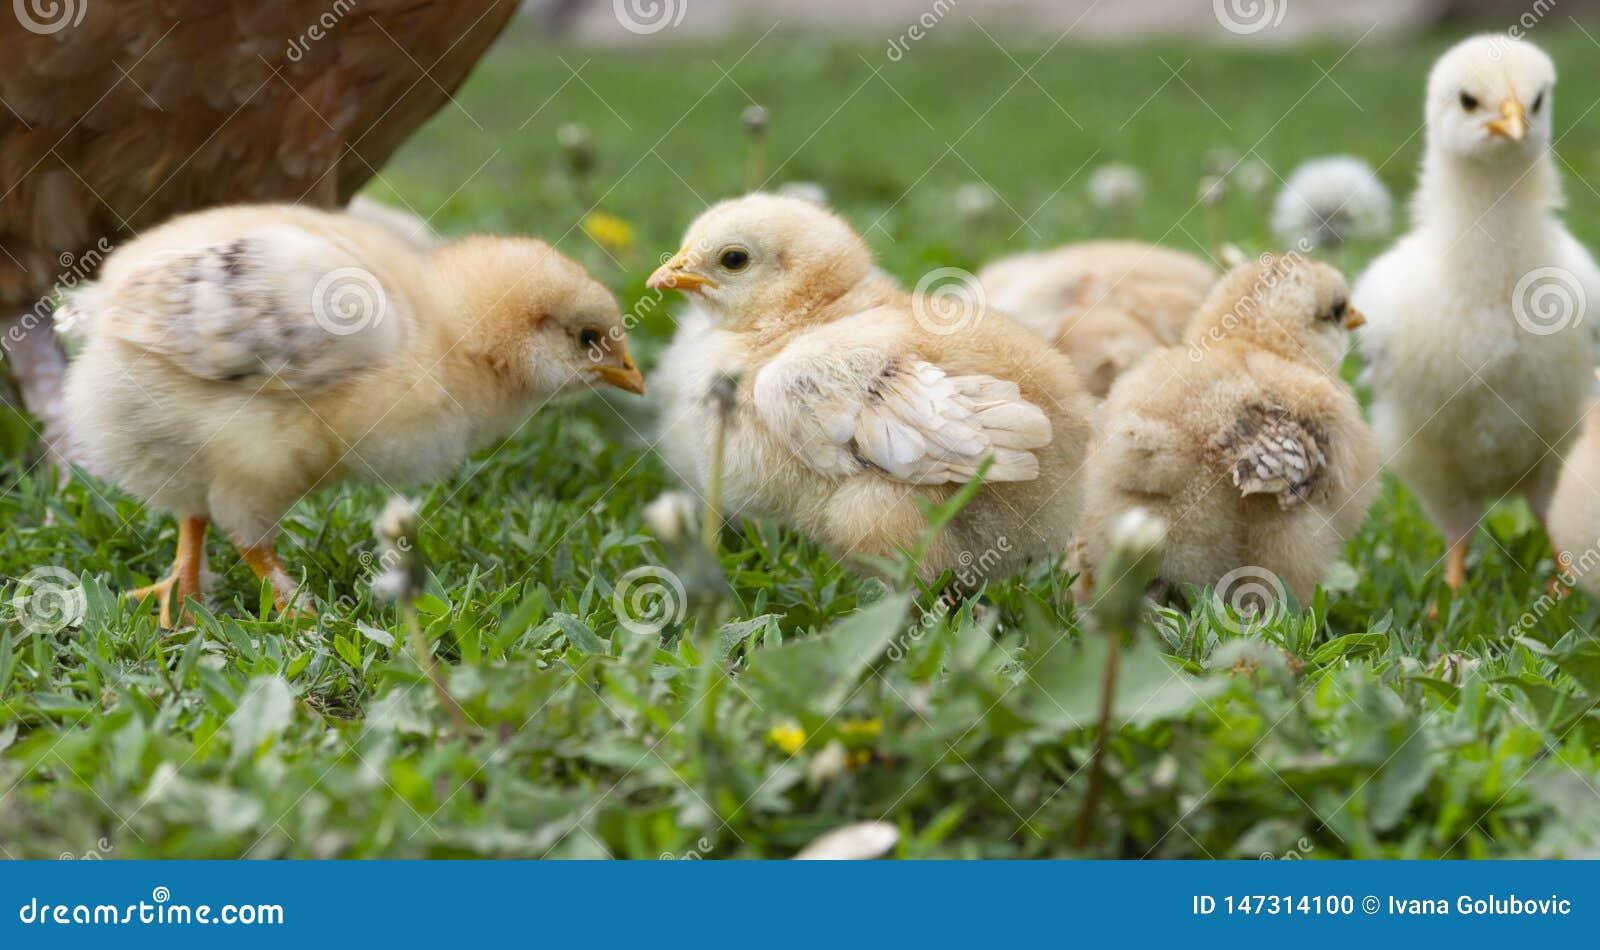 Five little cute chicks in green grass graze